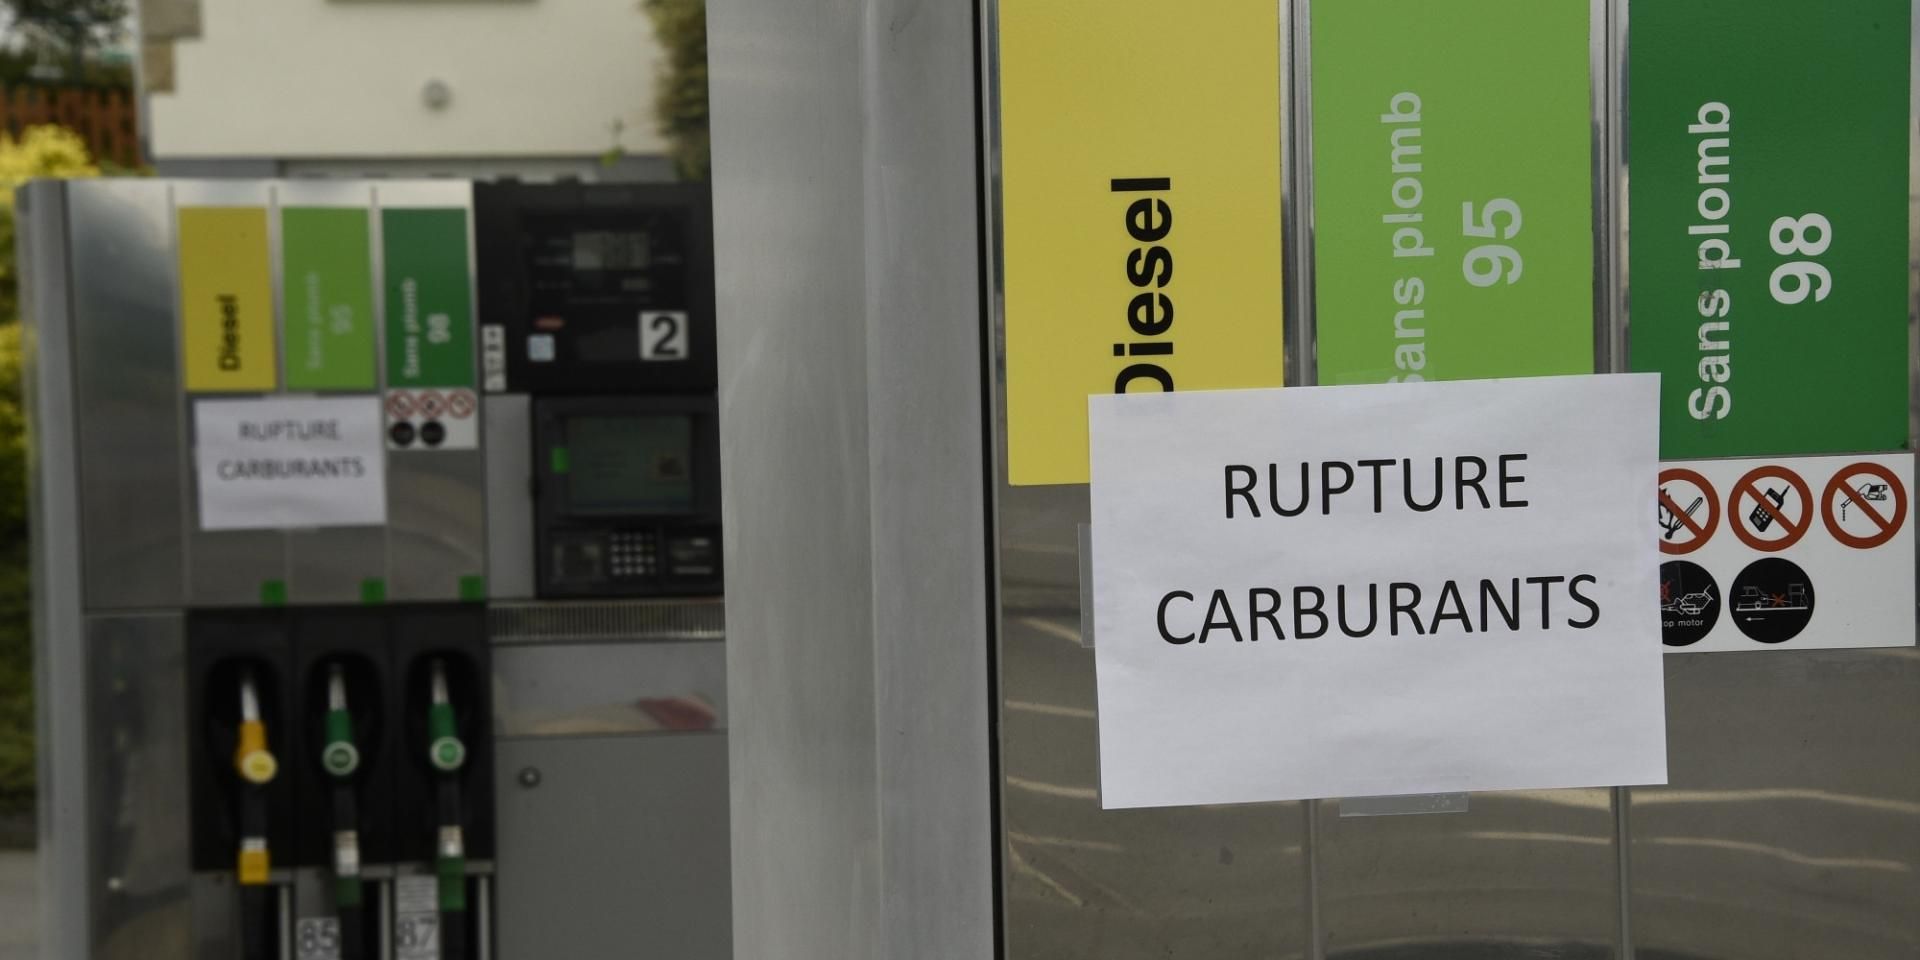 S0 transport de carburant la greve se poursuit la penurie guette a paris 404234